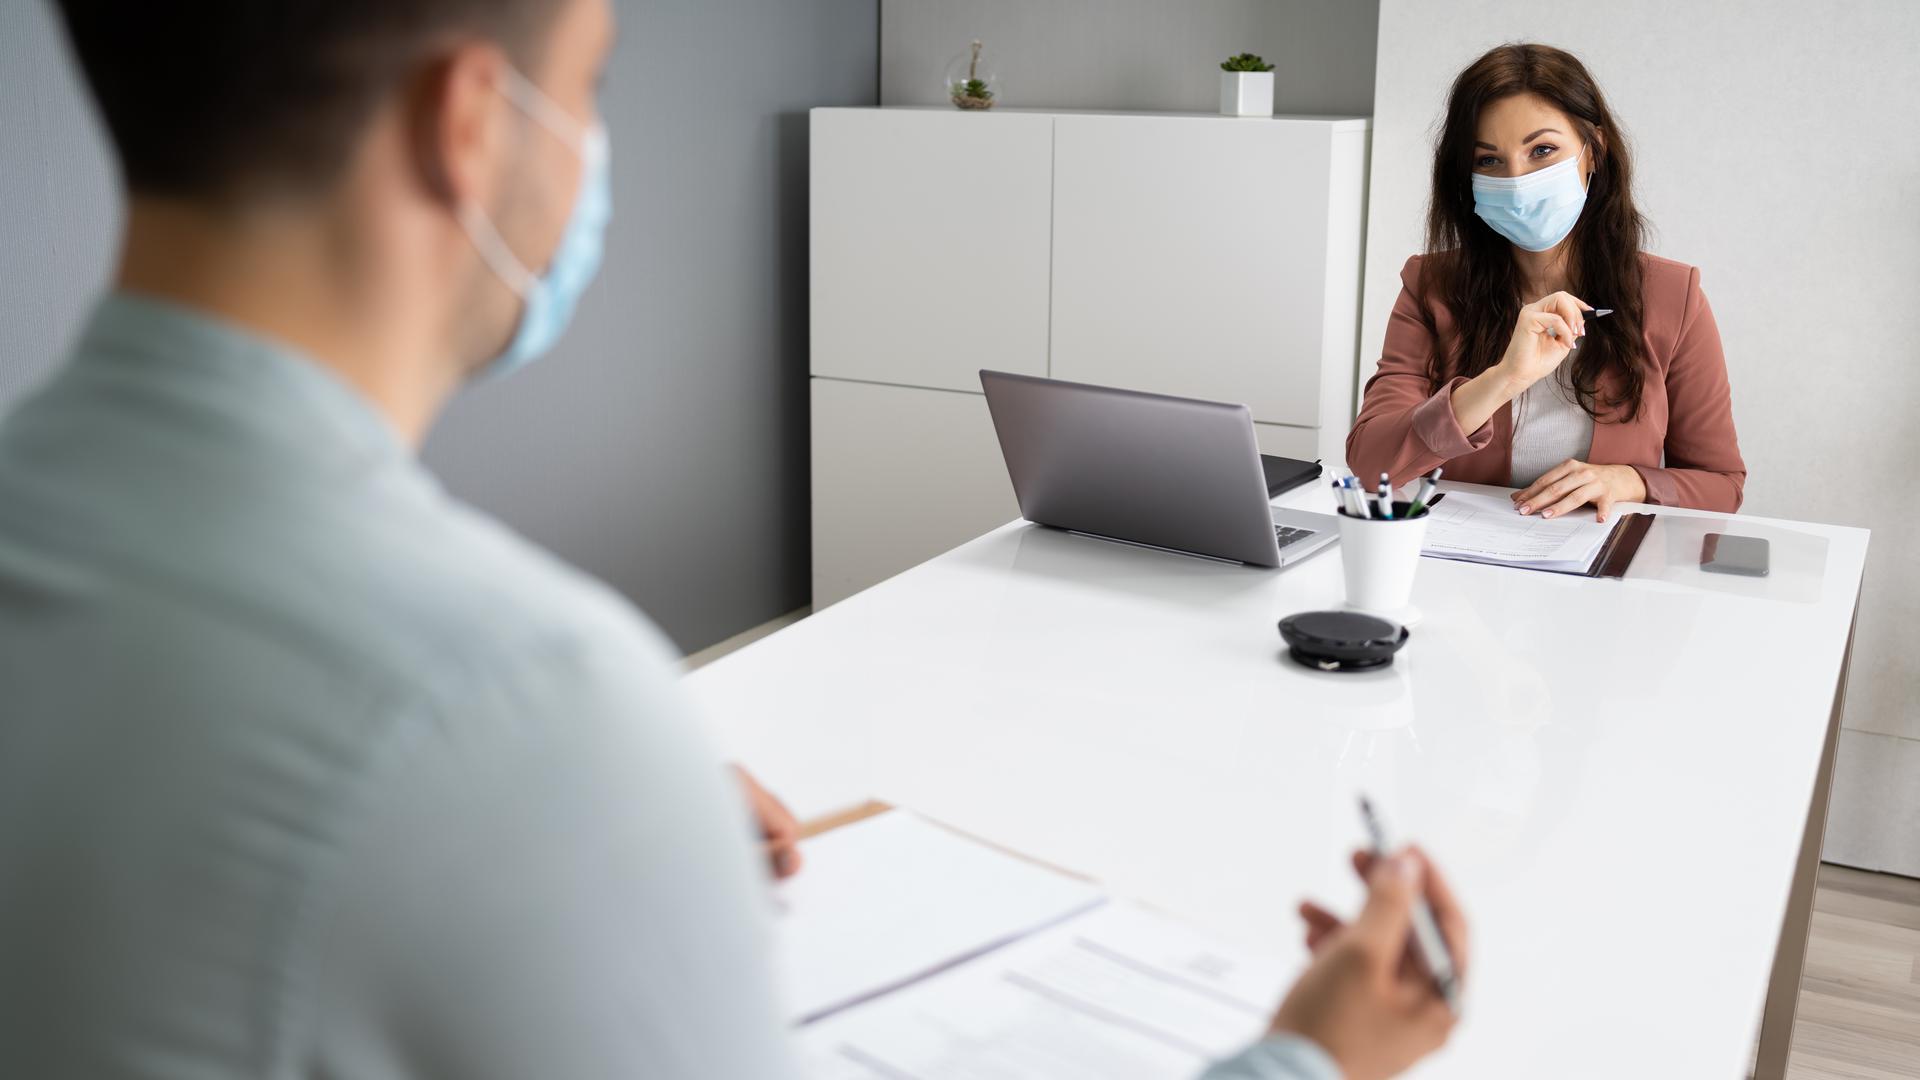 Bewerbungsgespräch mit Abstand und Mundschutz.